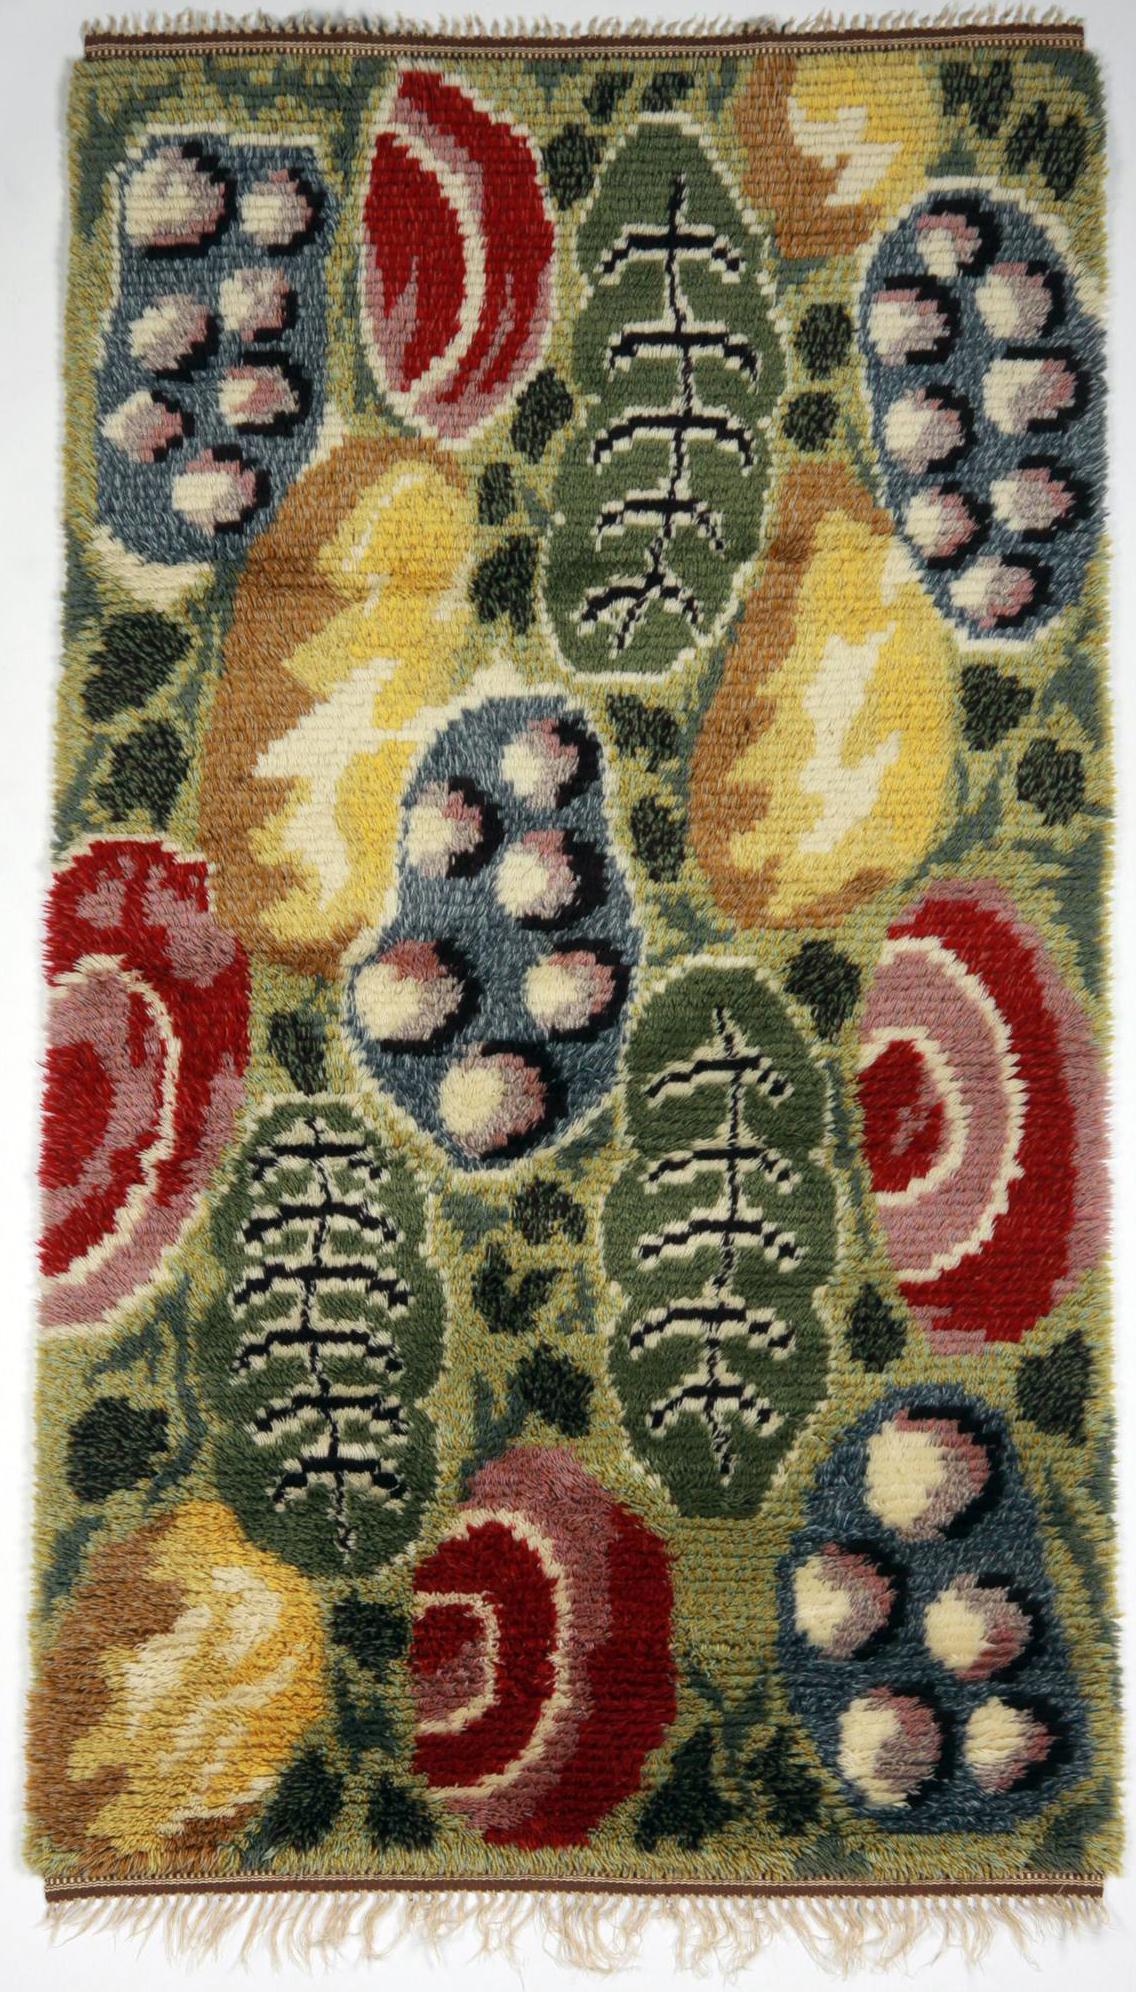 Josef Frank rya rug for Svensk Tenn. Photograph courtesy of Modernity.